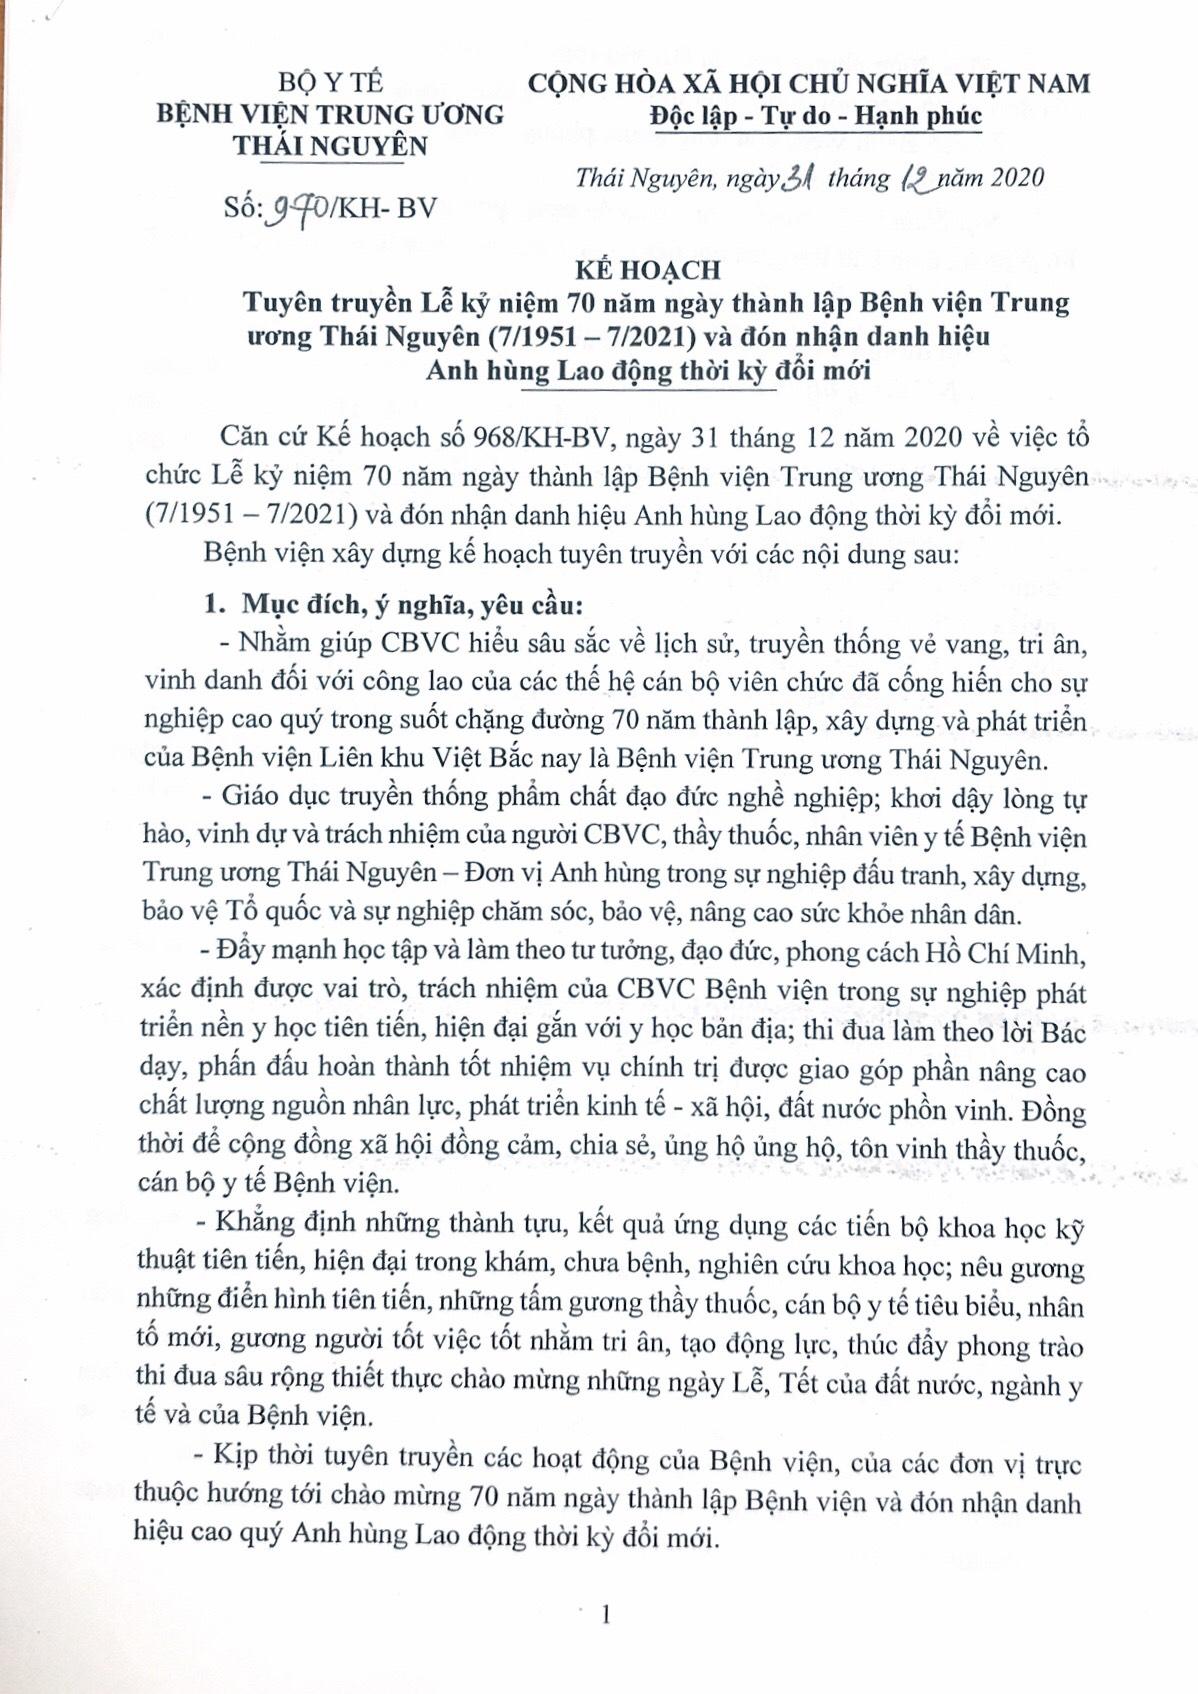 Kế hoạch Tuyên truyền Lễ kỷ niệm 70 năm ngày thành lập Bệnh viện Trung ương Thái Nguyên và đón nhận Danh hiệu Anh hùng Lao động